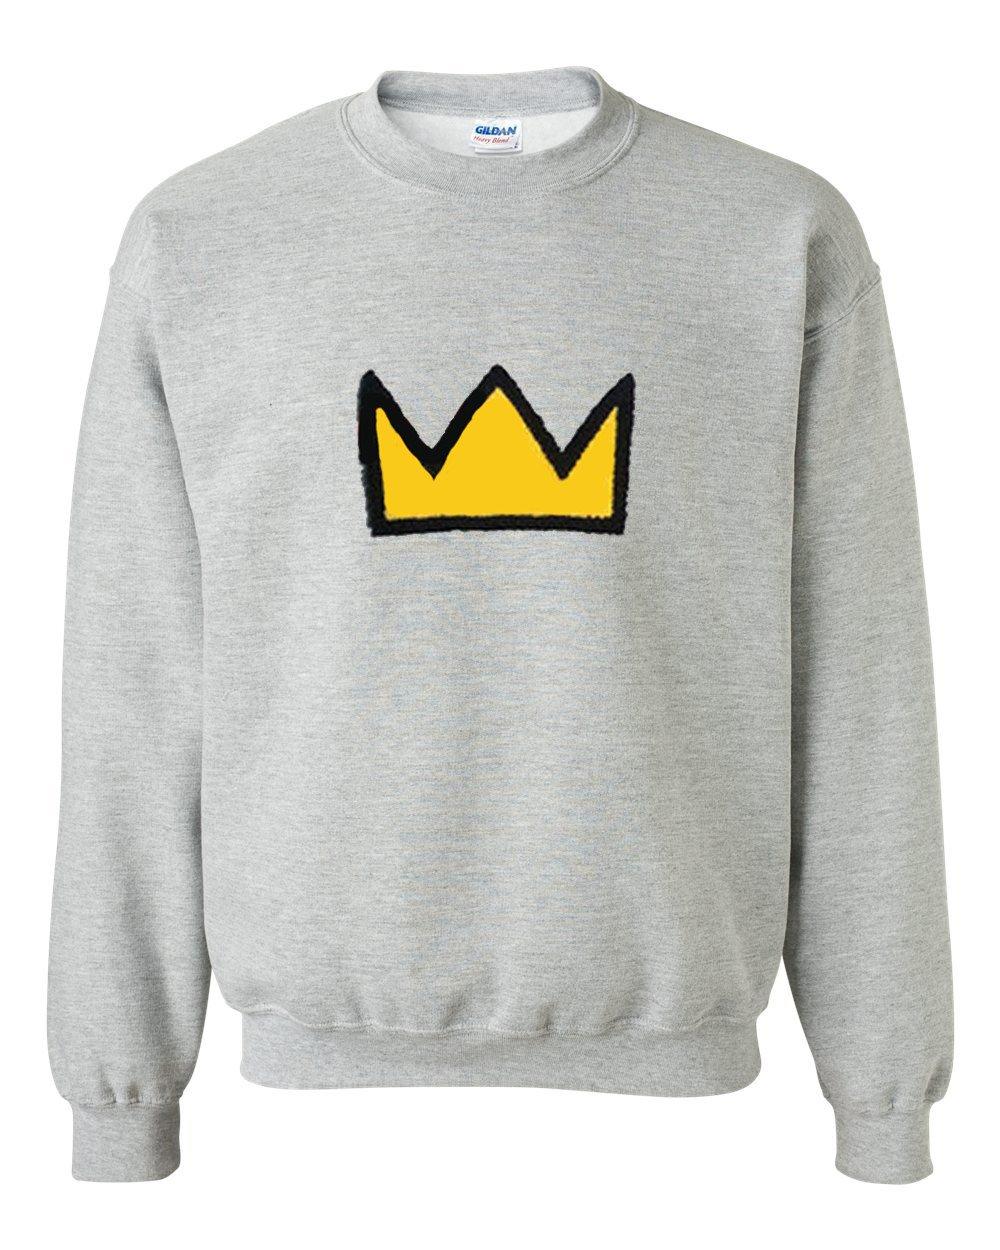 yellow crown sweatshirt